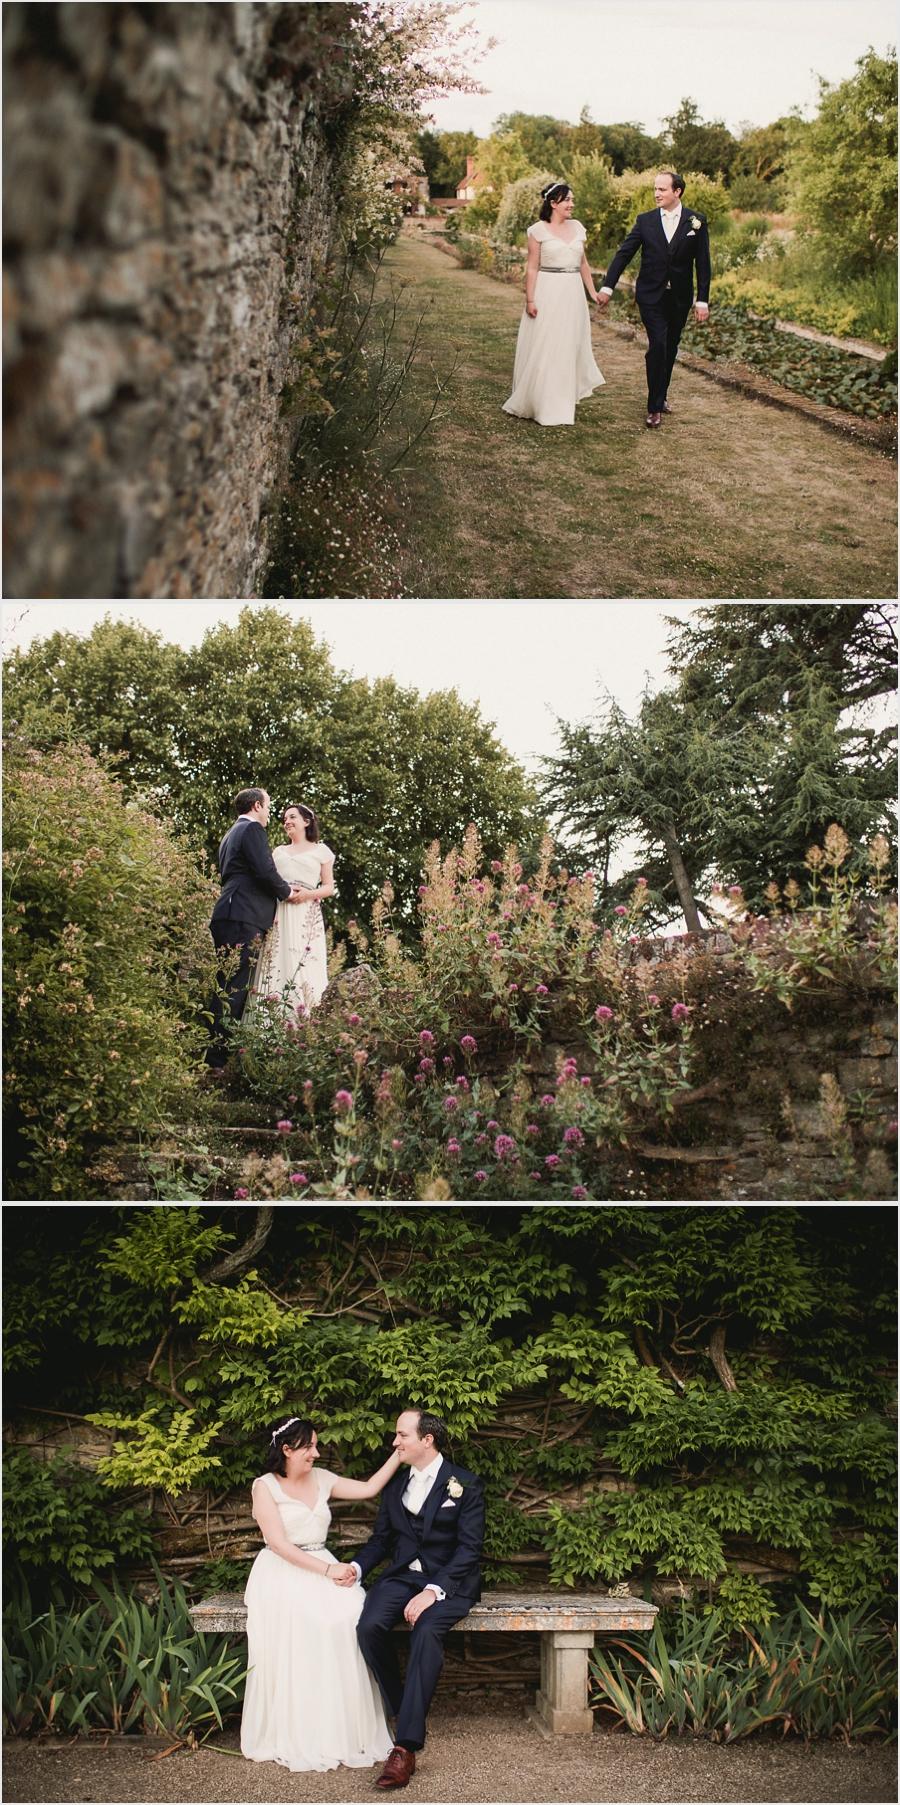 Loseley-Park-Wedding_0035.jpg